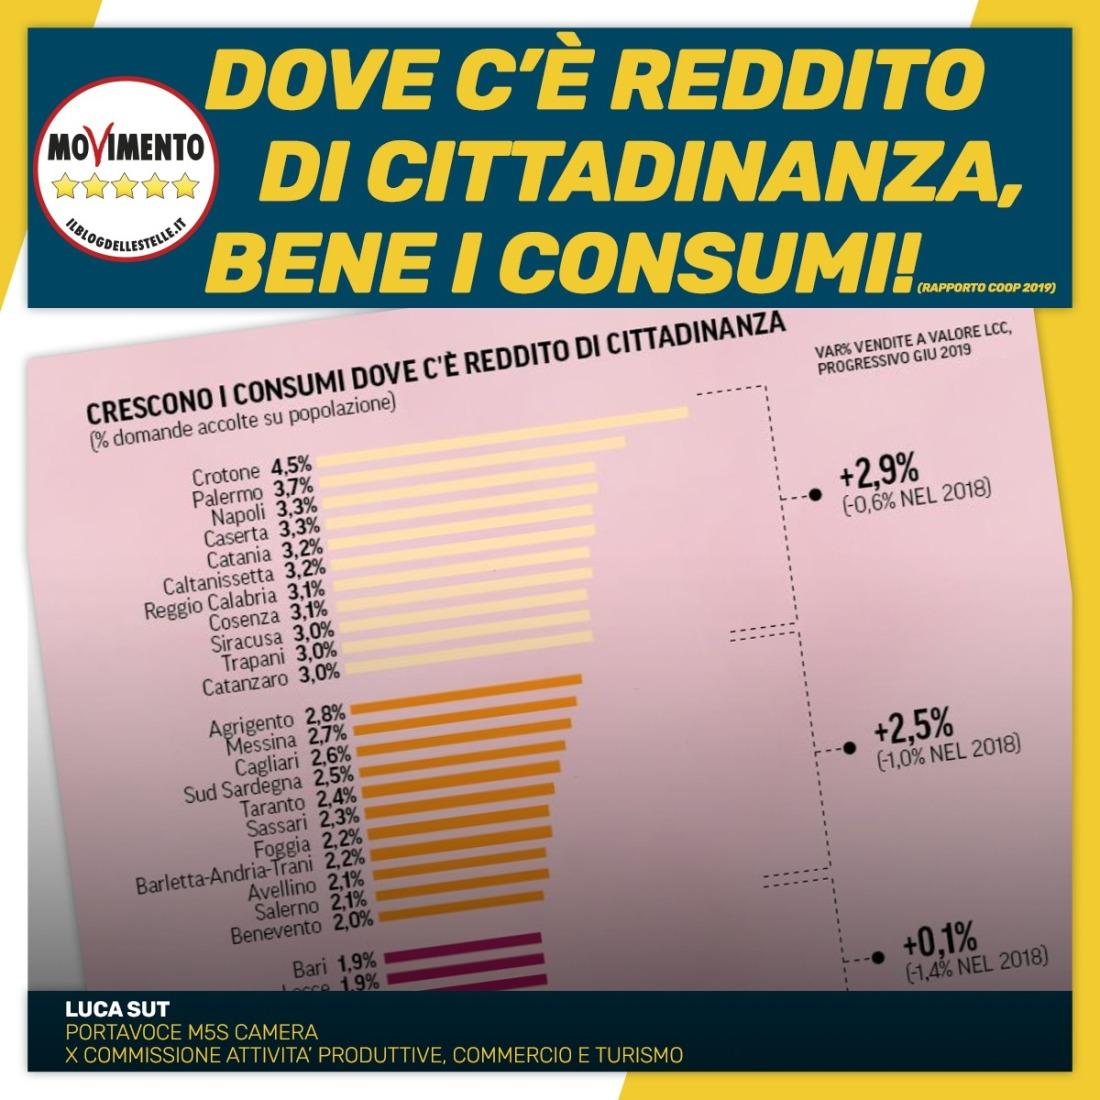 ?DOVE C'E' REDDITO DI CITTADINANZA, BENE I CONSUMI! - M5S notizie m5stelle.com